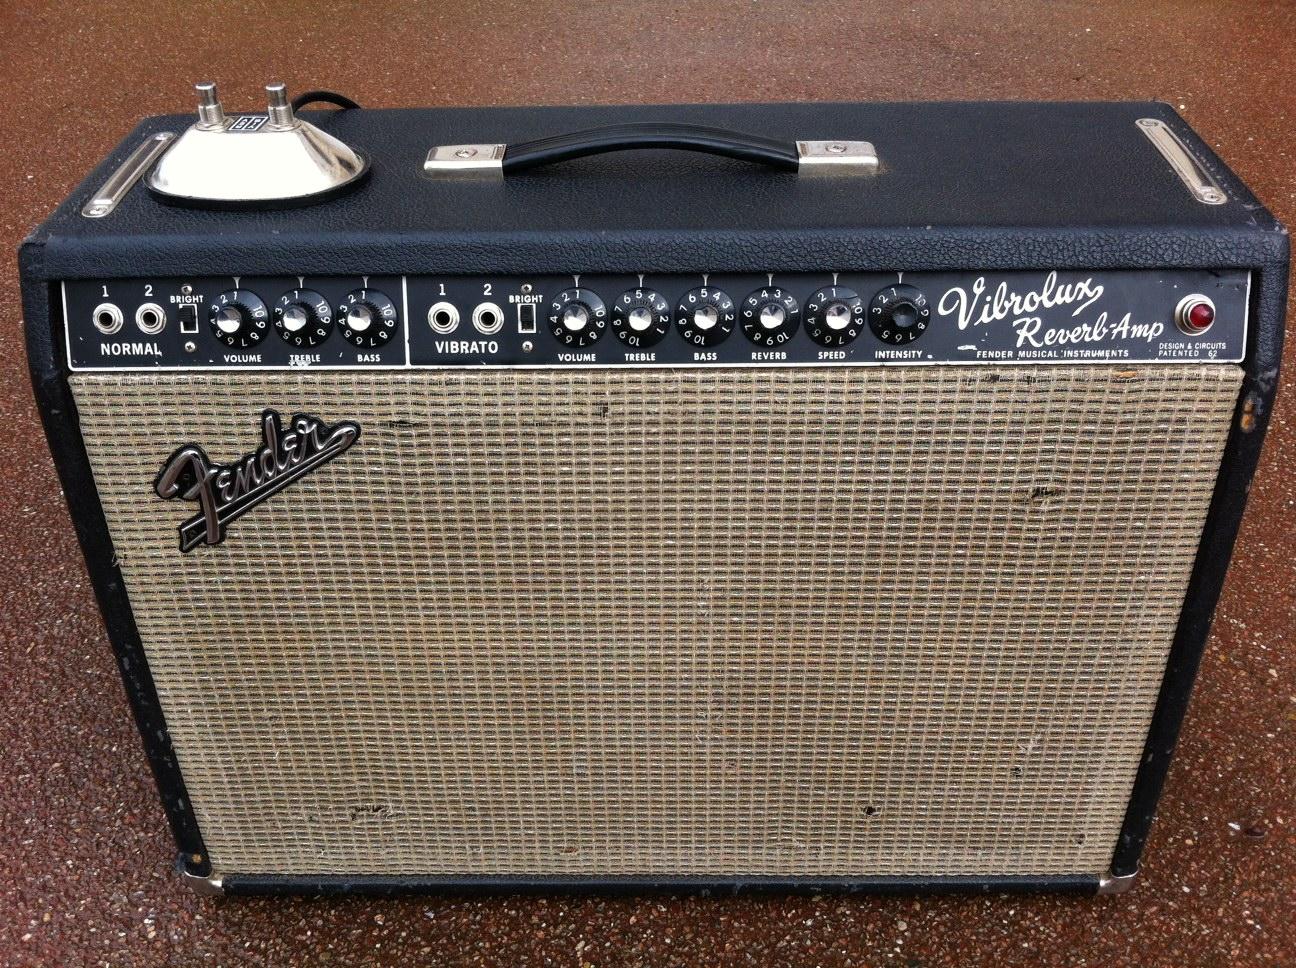 Vintage Fender Vibrolux Reverb 119